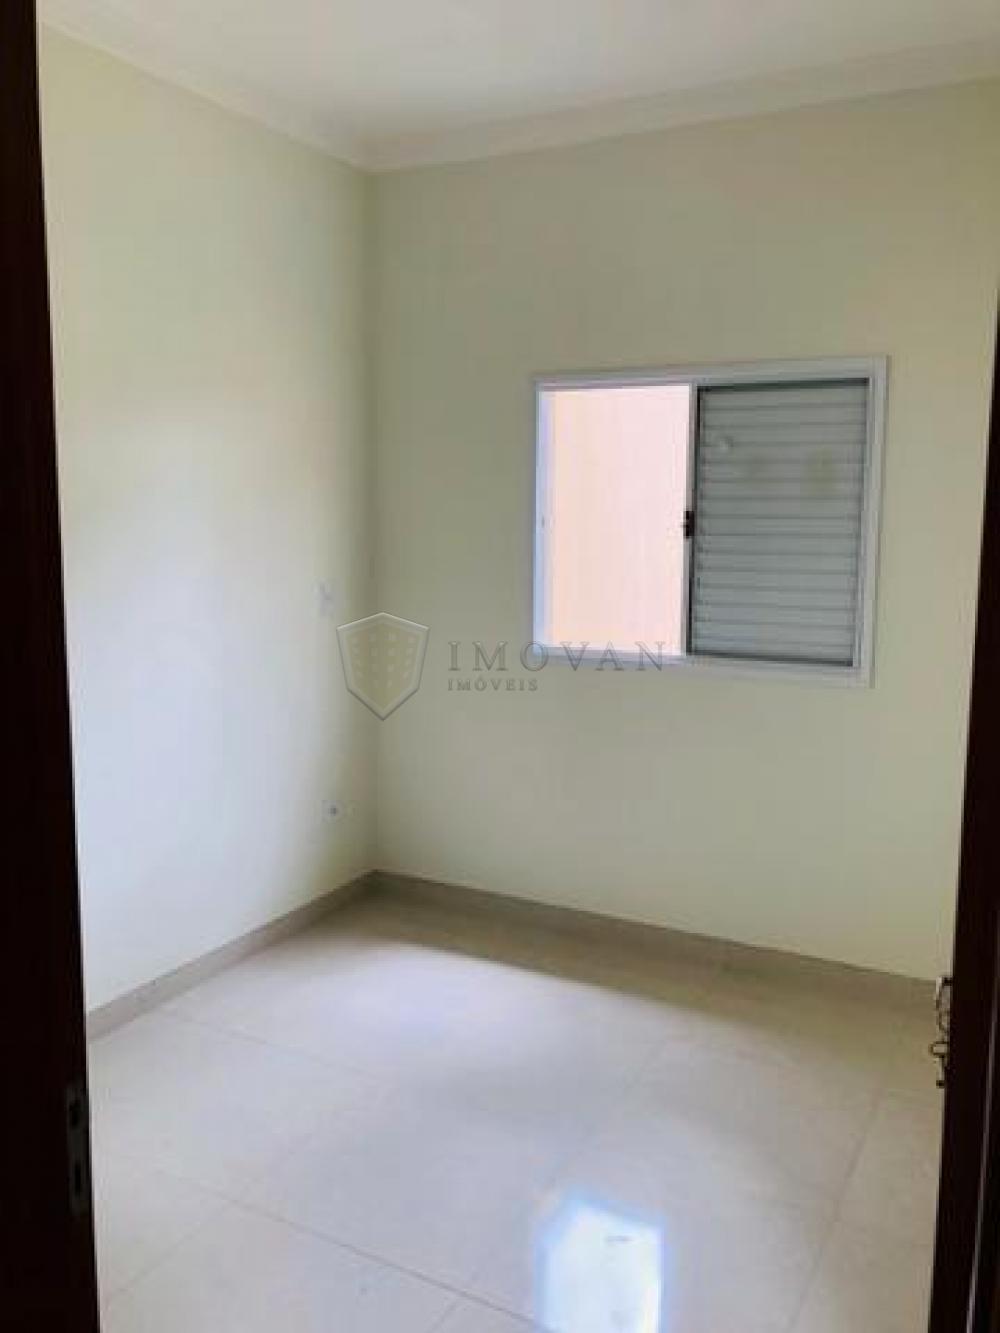 Comprar Casa / Padrão em Bonfim Paulista apenas R$ 250.000,00 - Foto 16